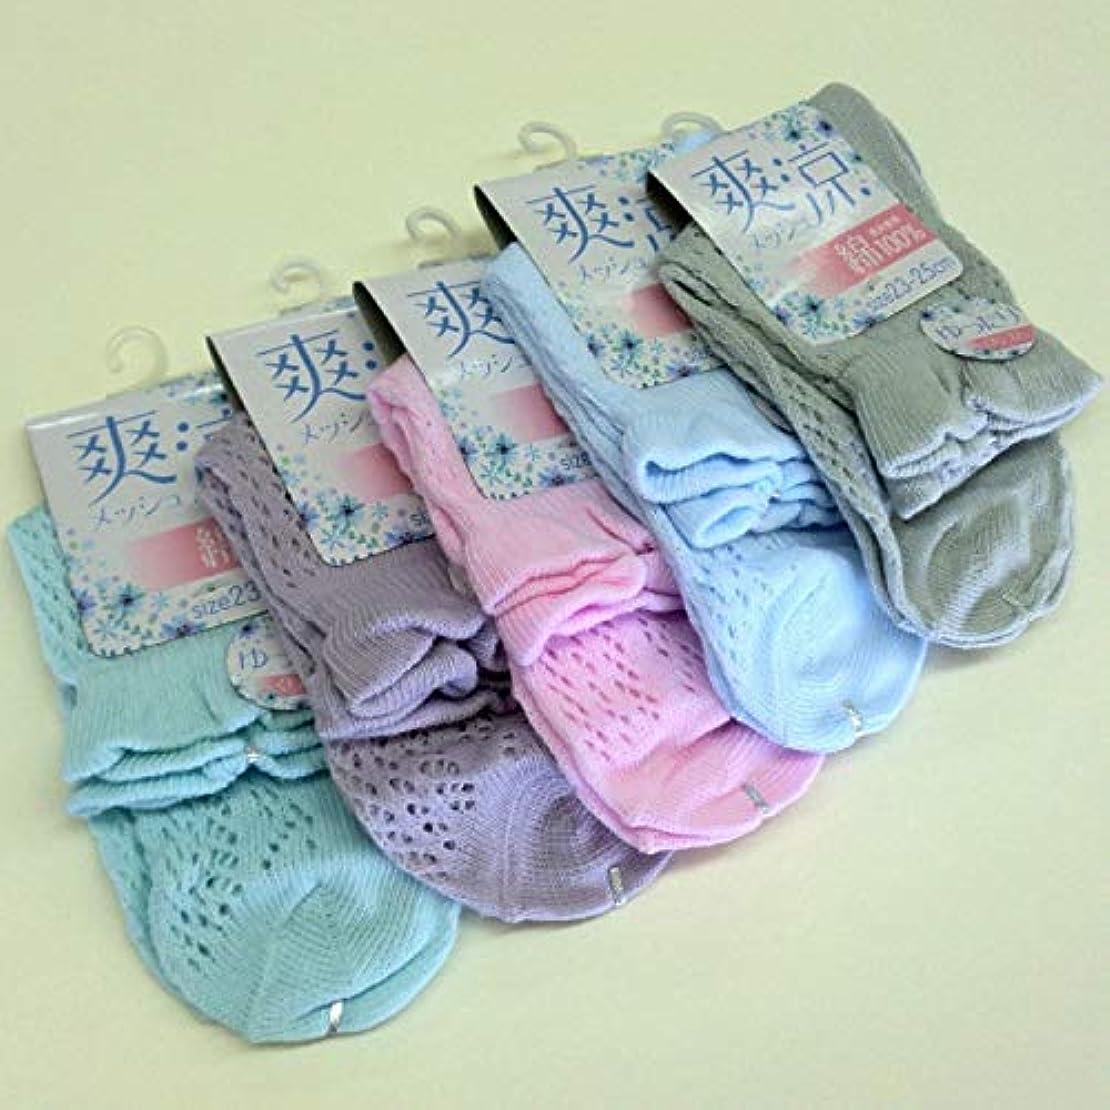 メディック実際に建設靴下 レディース 夏 表糸綿100% 涼しいルミーソックス セット 5色5足組